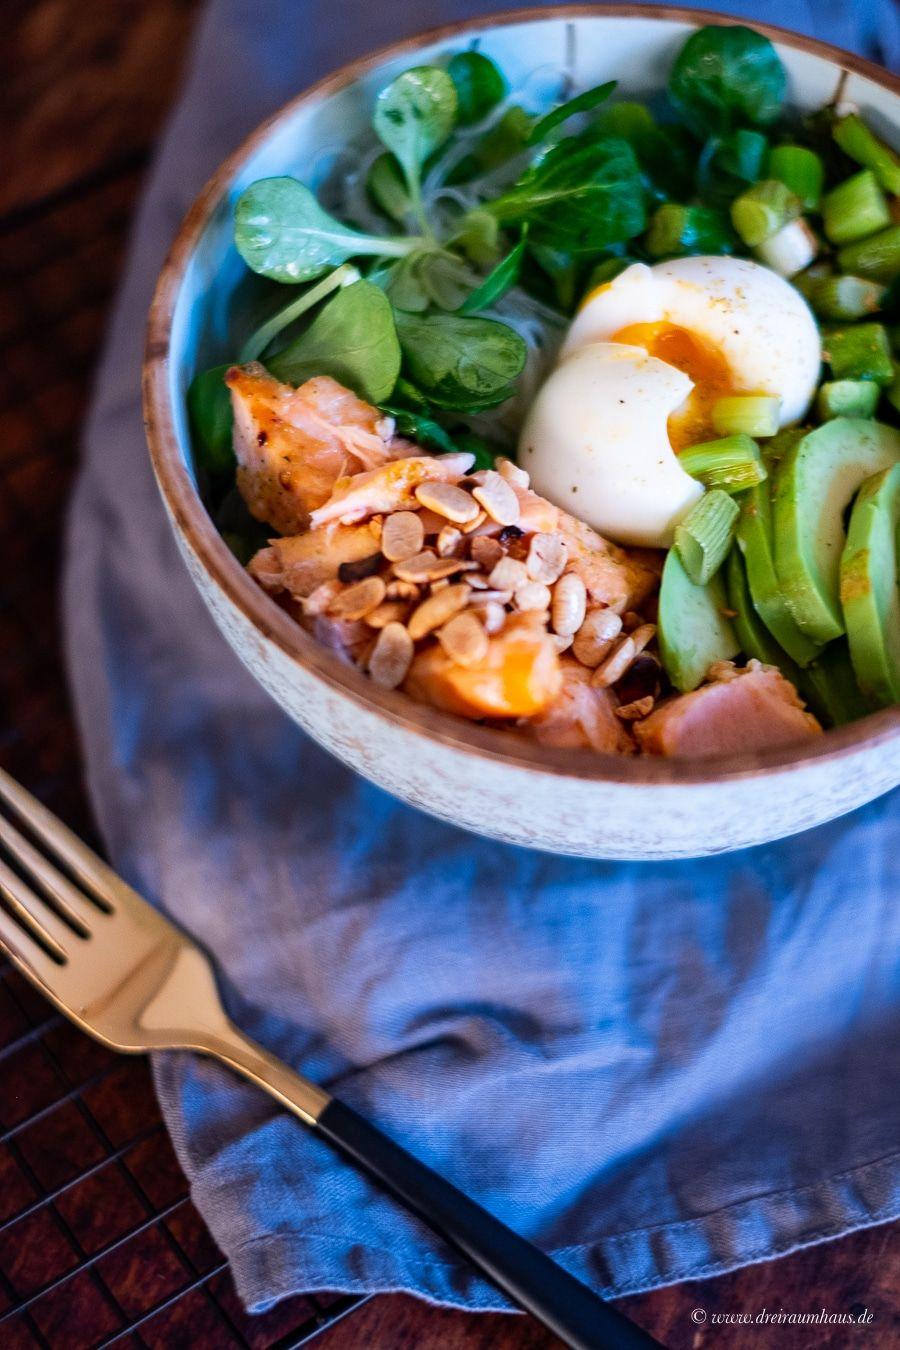 Motivationsmontag! Eine Soulfood-Bowl mit gezupftem Lachs und was macht eigentliche Deine Stoffwechselkur Andrea?